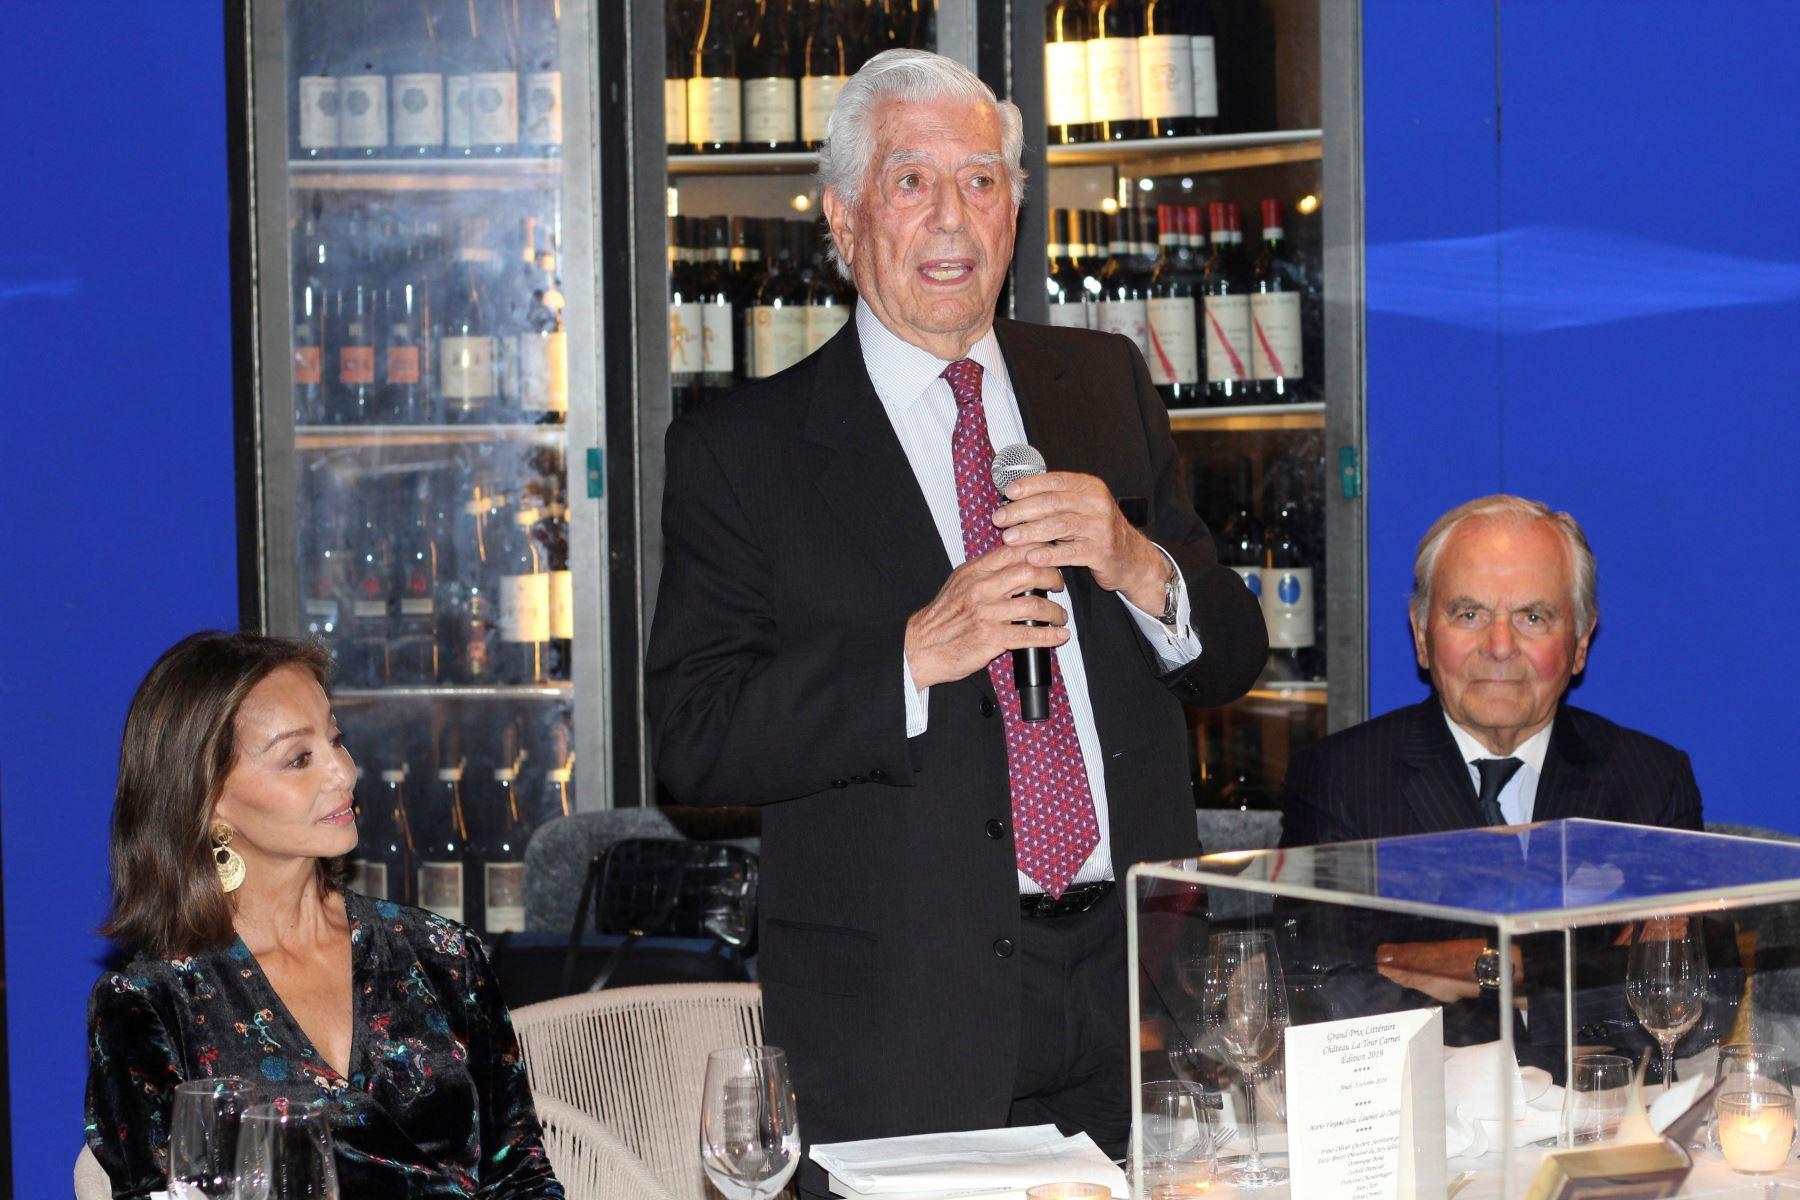 El escritor Mario Vargas Llosa recibe premio en París. EFE